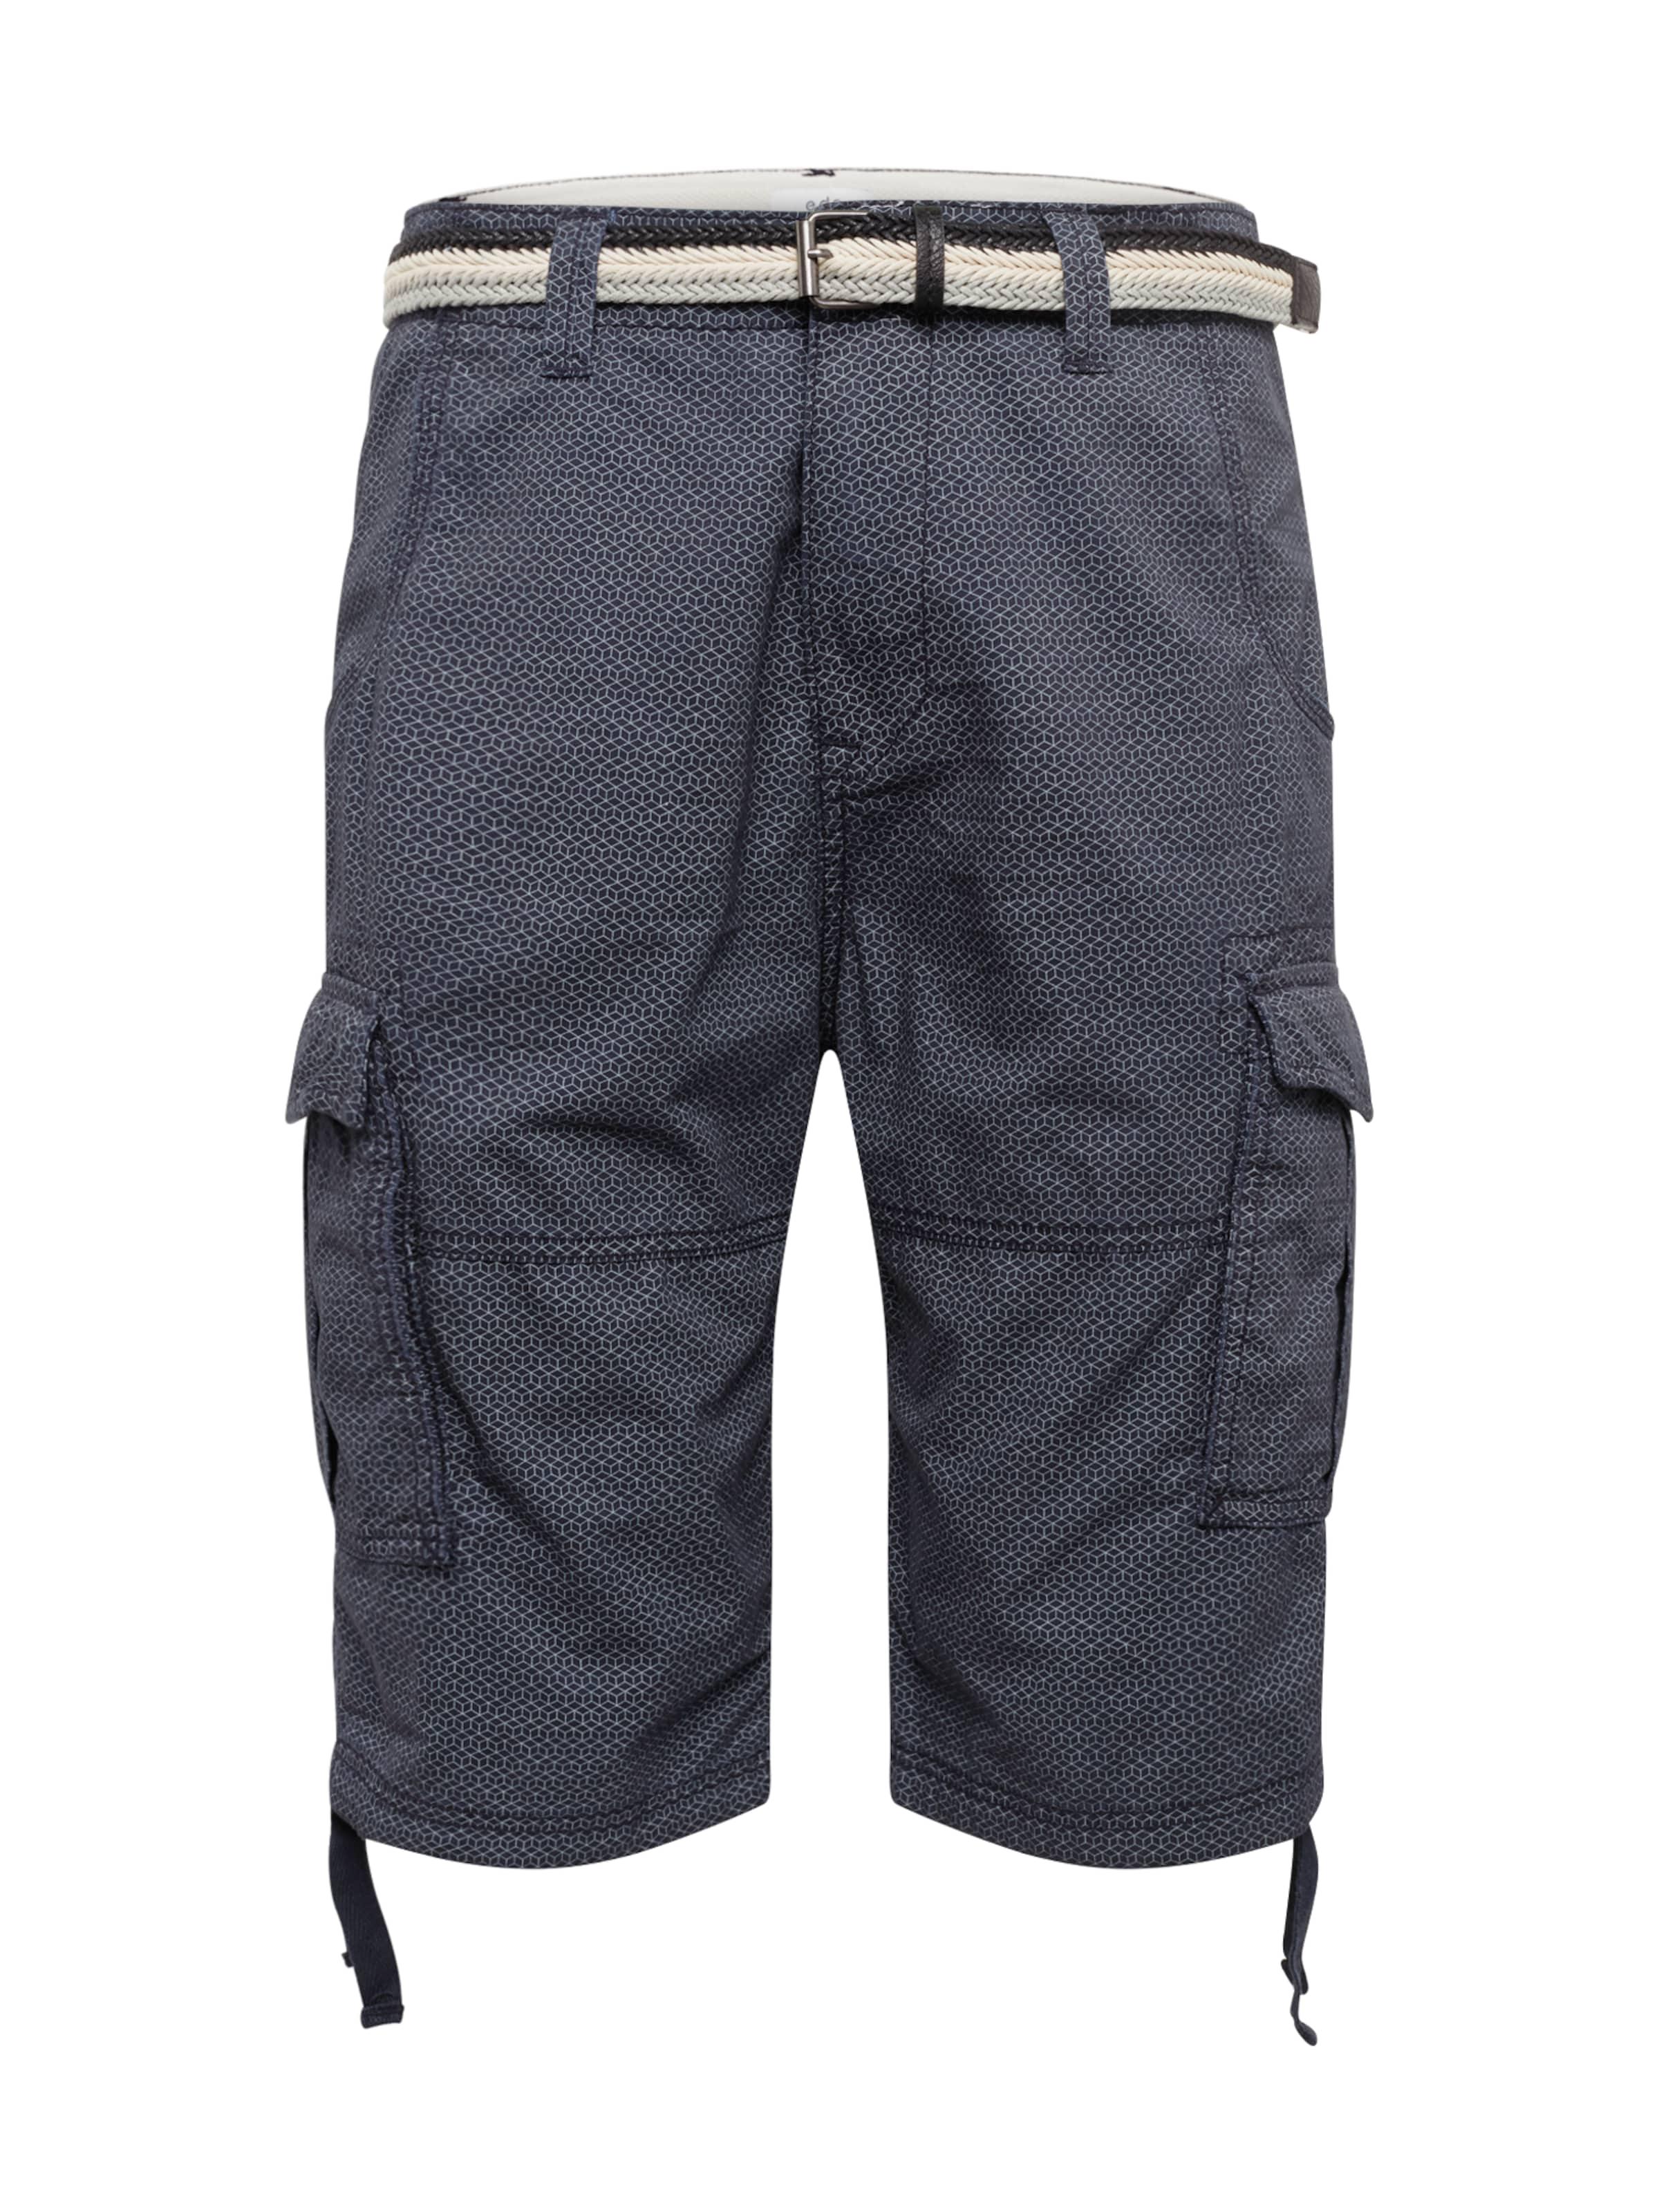 Edc Esprit Shorts NavyWeiß In By DbEYeH9W2I